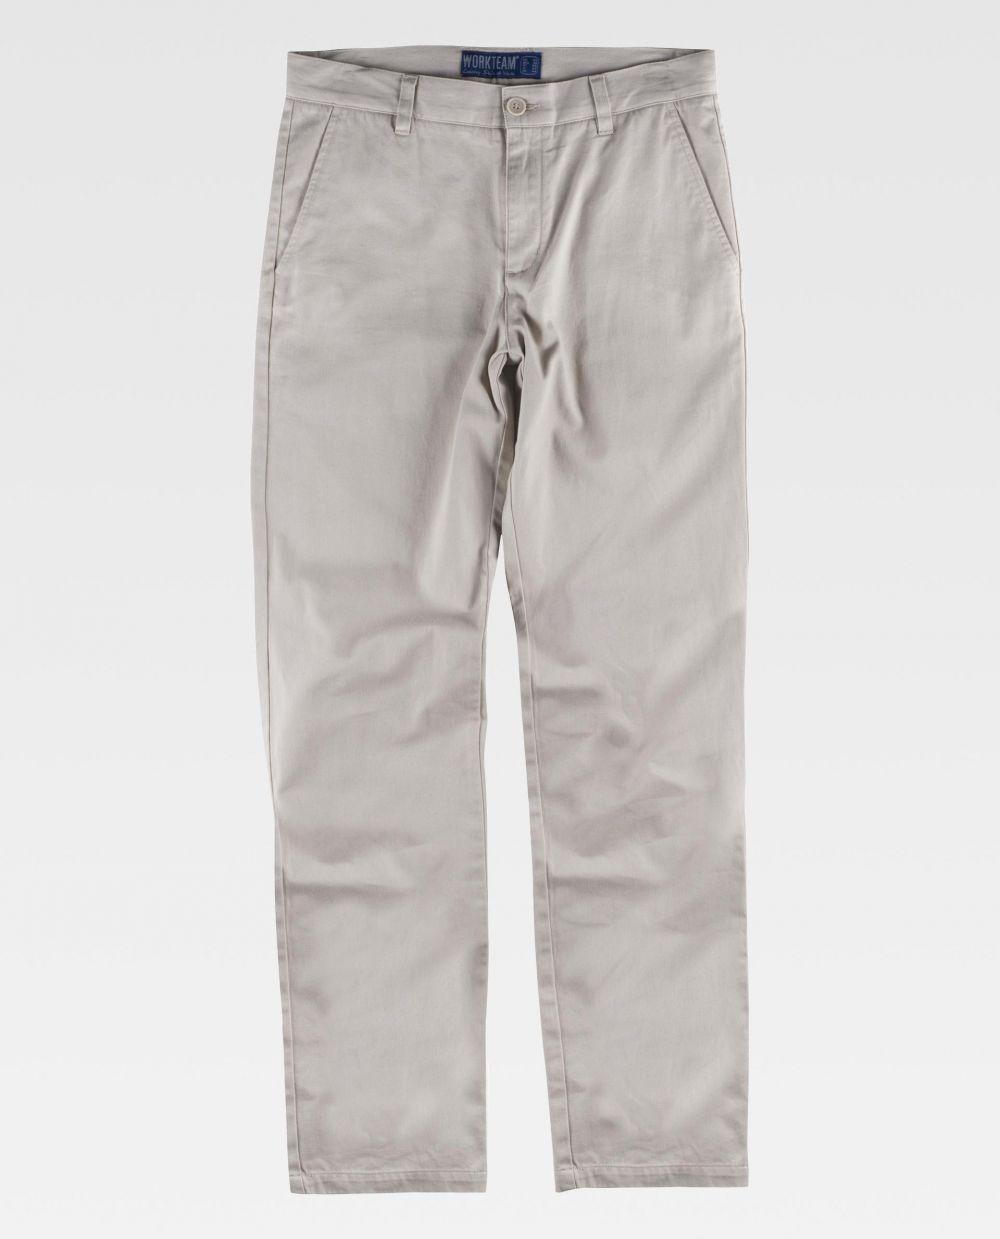 Pantalones de trabajo workteam b4025 de 100% algodón para personalizar vista 2